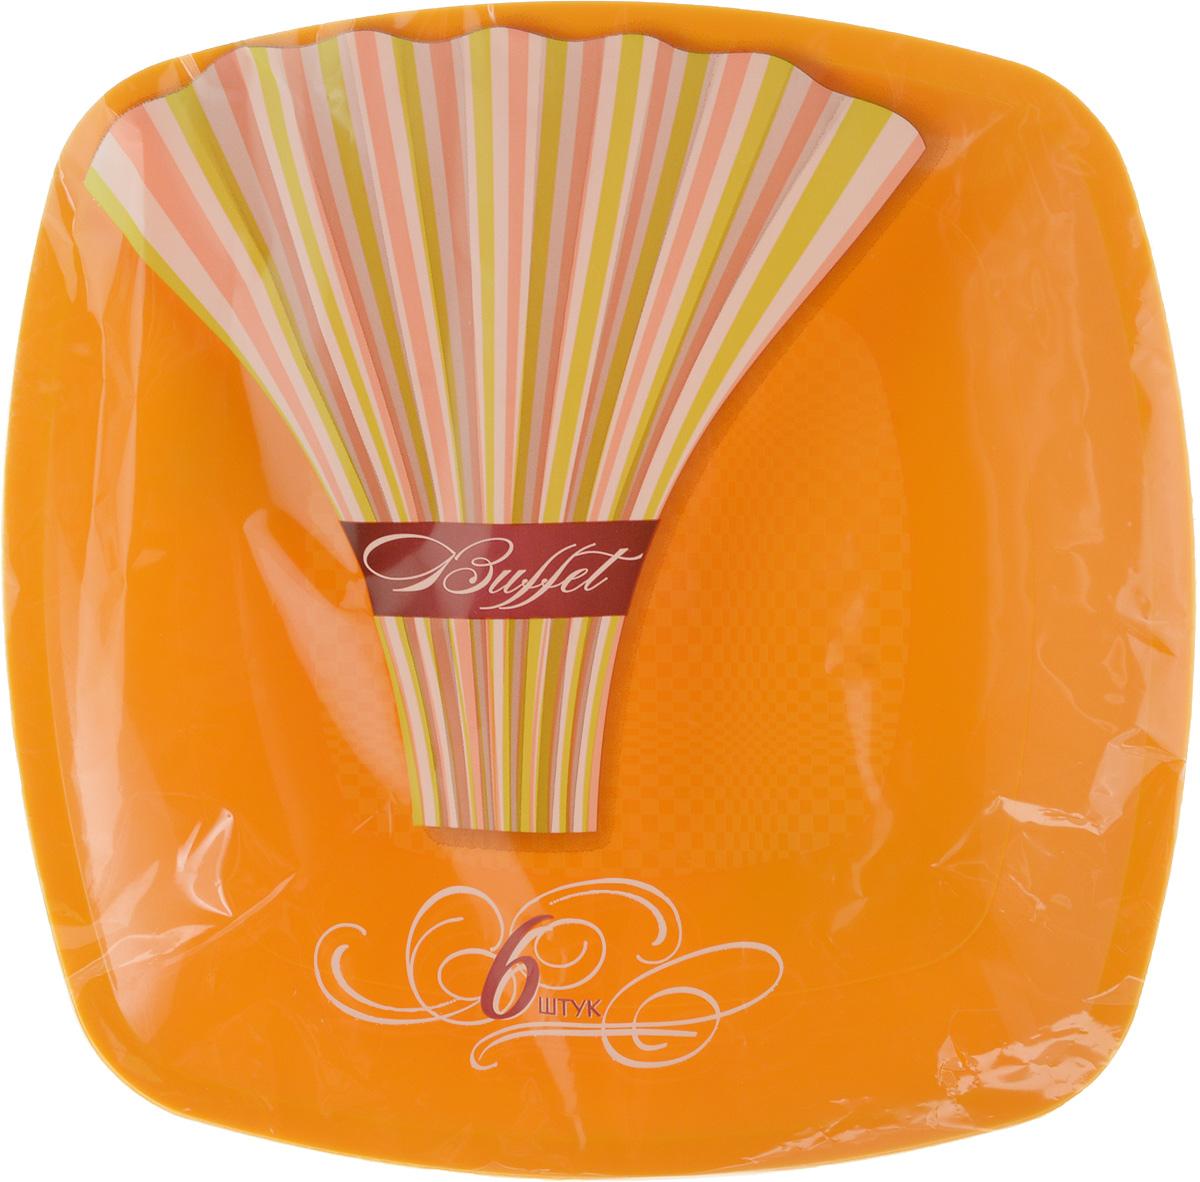 Набор одноразовых тарелок Buffet, цвет: оранжевый, 18 х 18 см, 6 шт187405_желтыйНабор Buffet состоит из 6 тарелок, выполненных из полипропилена и предназначенных для одноразового использования. Такие тарелки подходят для пищевых продуктов и будут незаменимы при поездках на природу, пикниках и других мероприятиях. Они не займут много места, легки и самое главное - после использования их не надо мыть.Размер тарелки: 18 х 18 см.